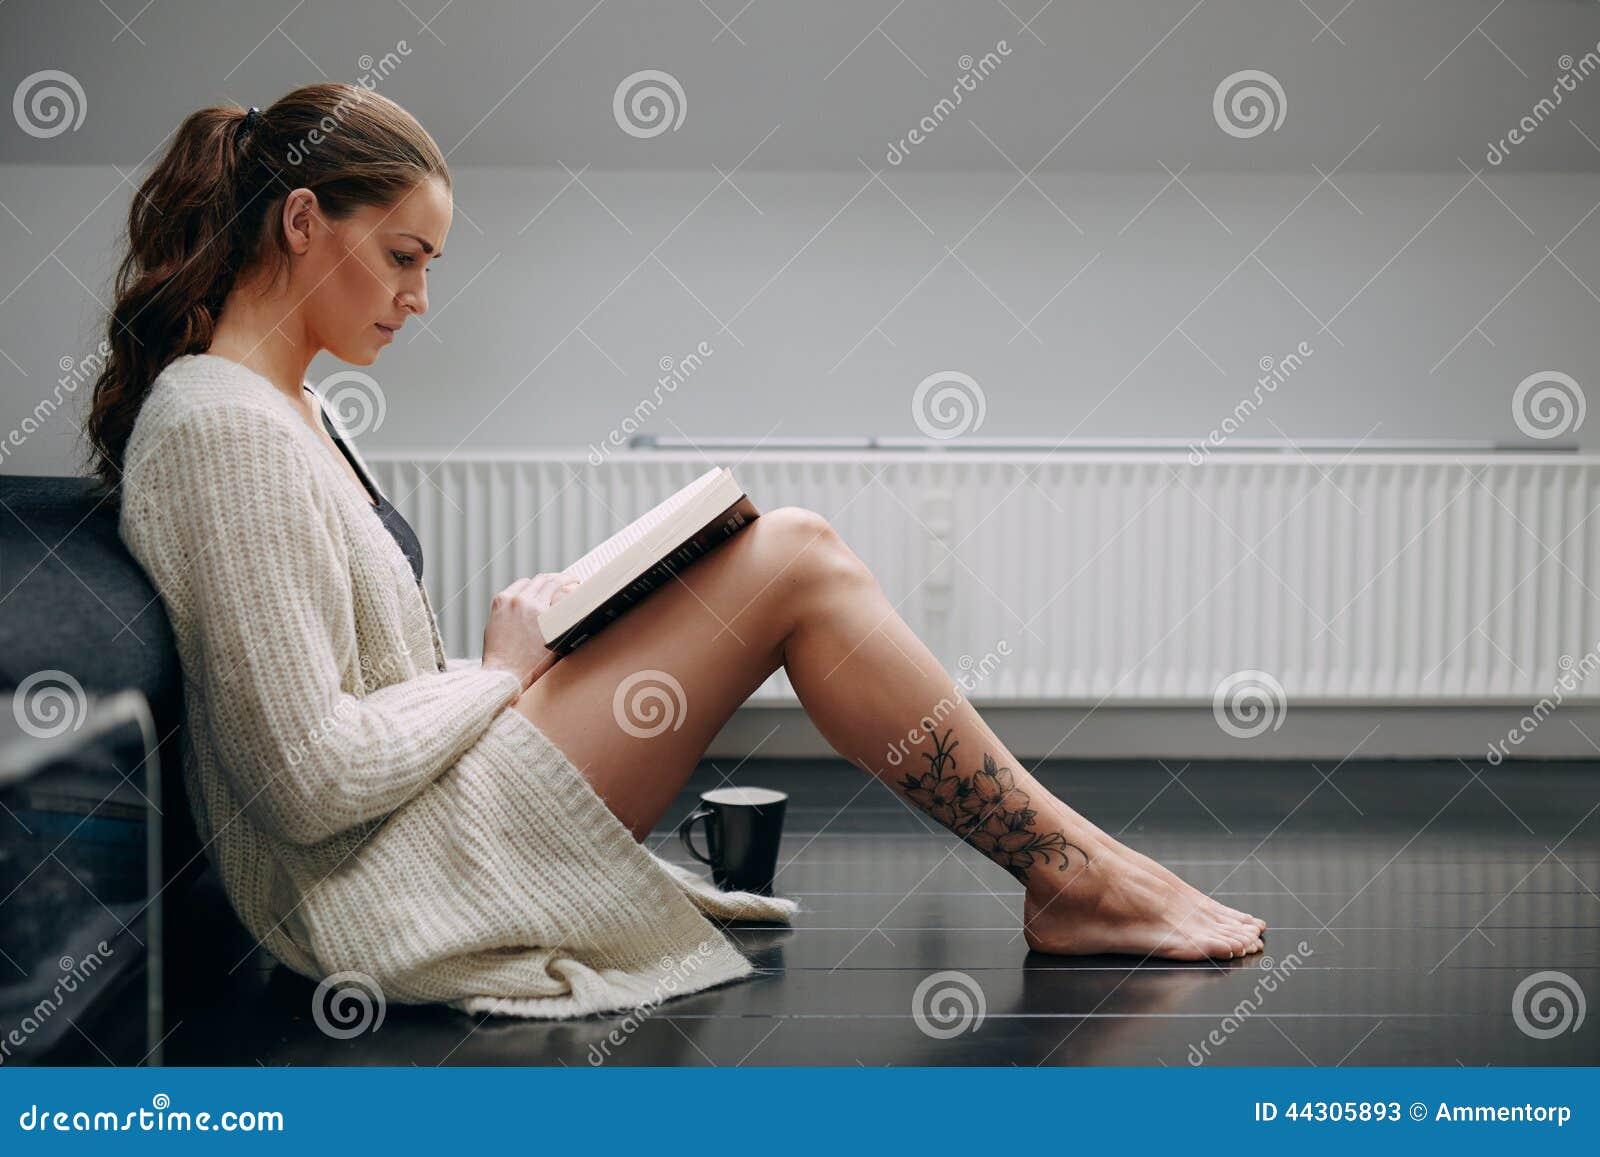 Фото девушка сидит полубоком